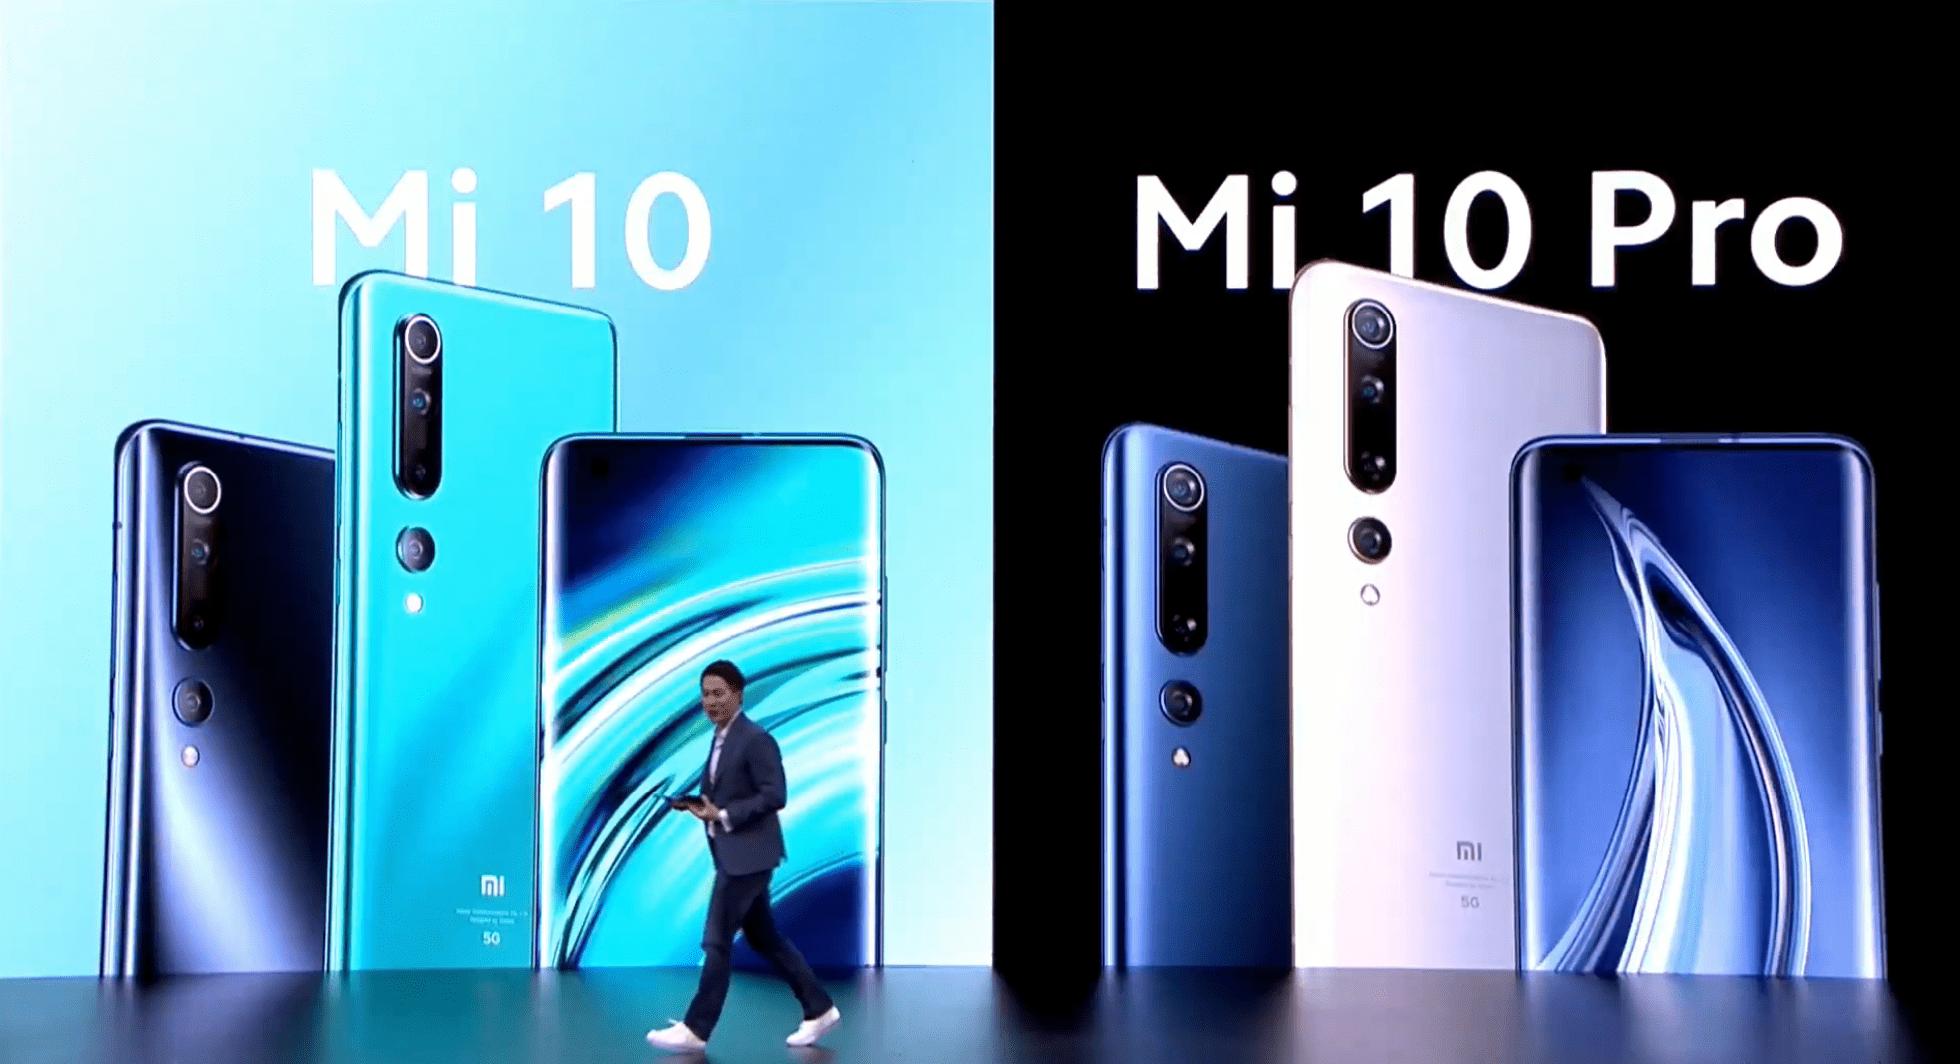 Est-ce que les 1000 euros du Xiaomi Mi 10 Pro sont justifiés ? – Sondage de la semaine